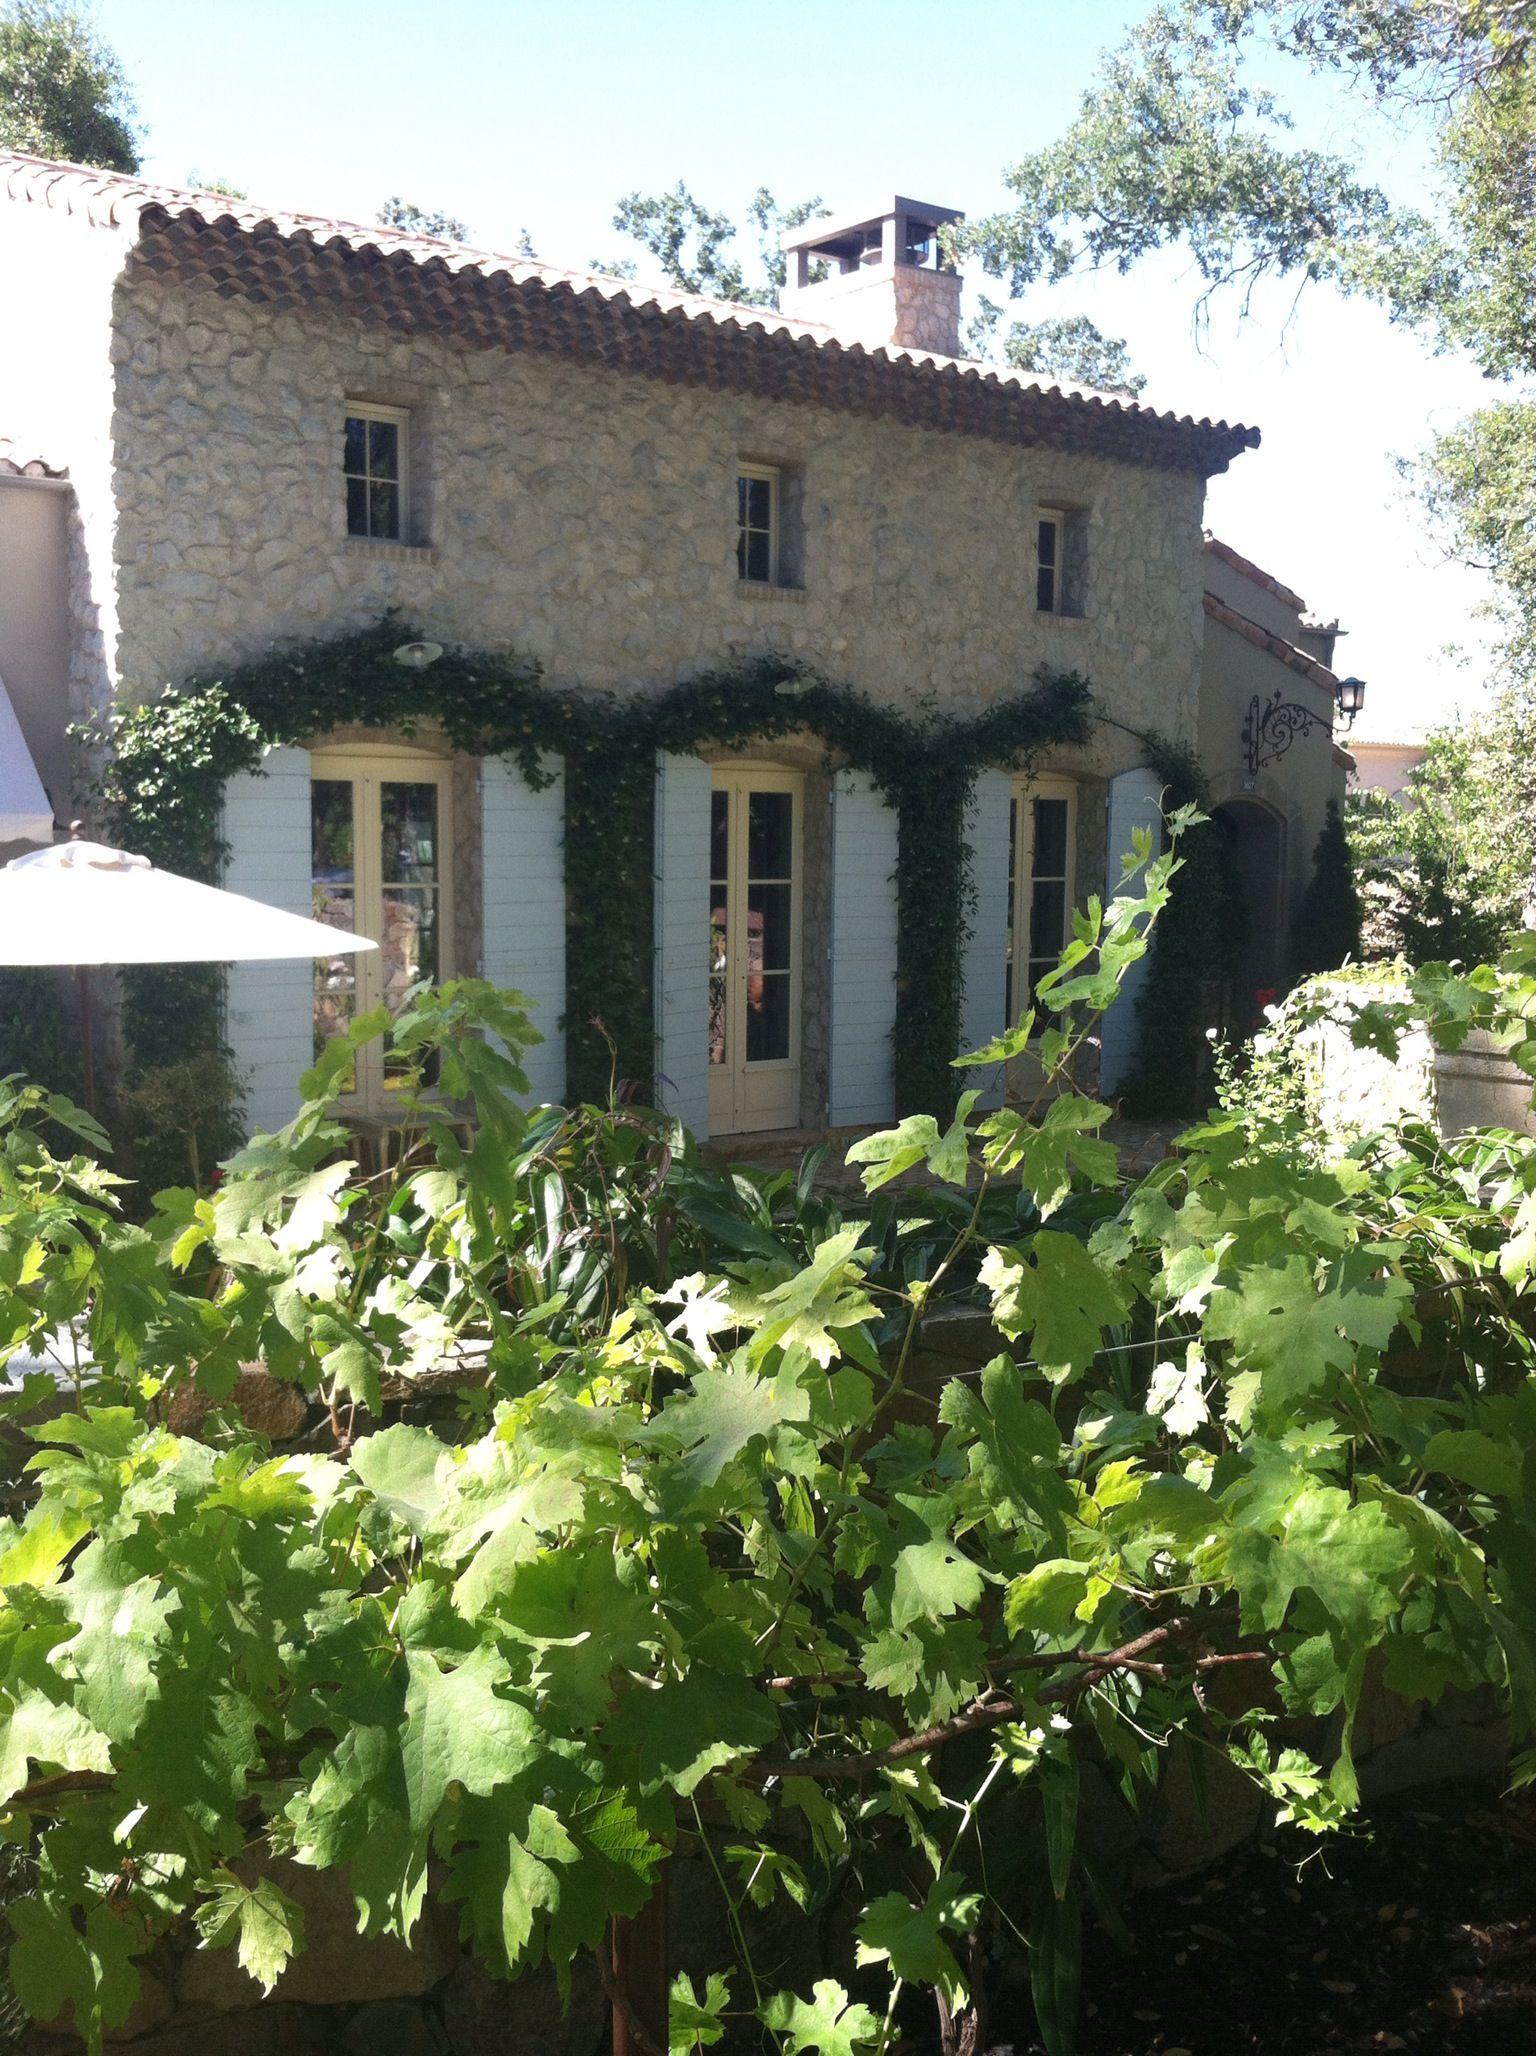 Summer in Provence   Provence   Pinterest   Traumhäuser, Innen außen ...